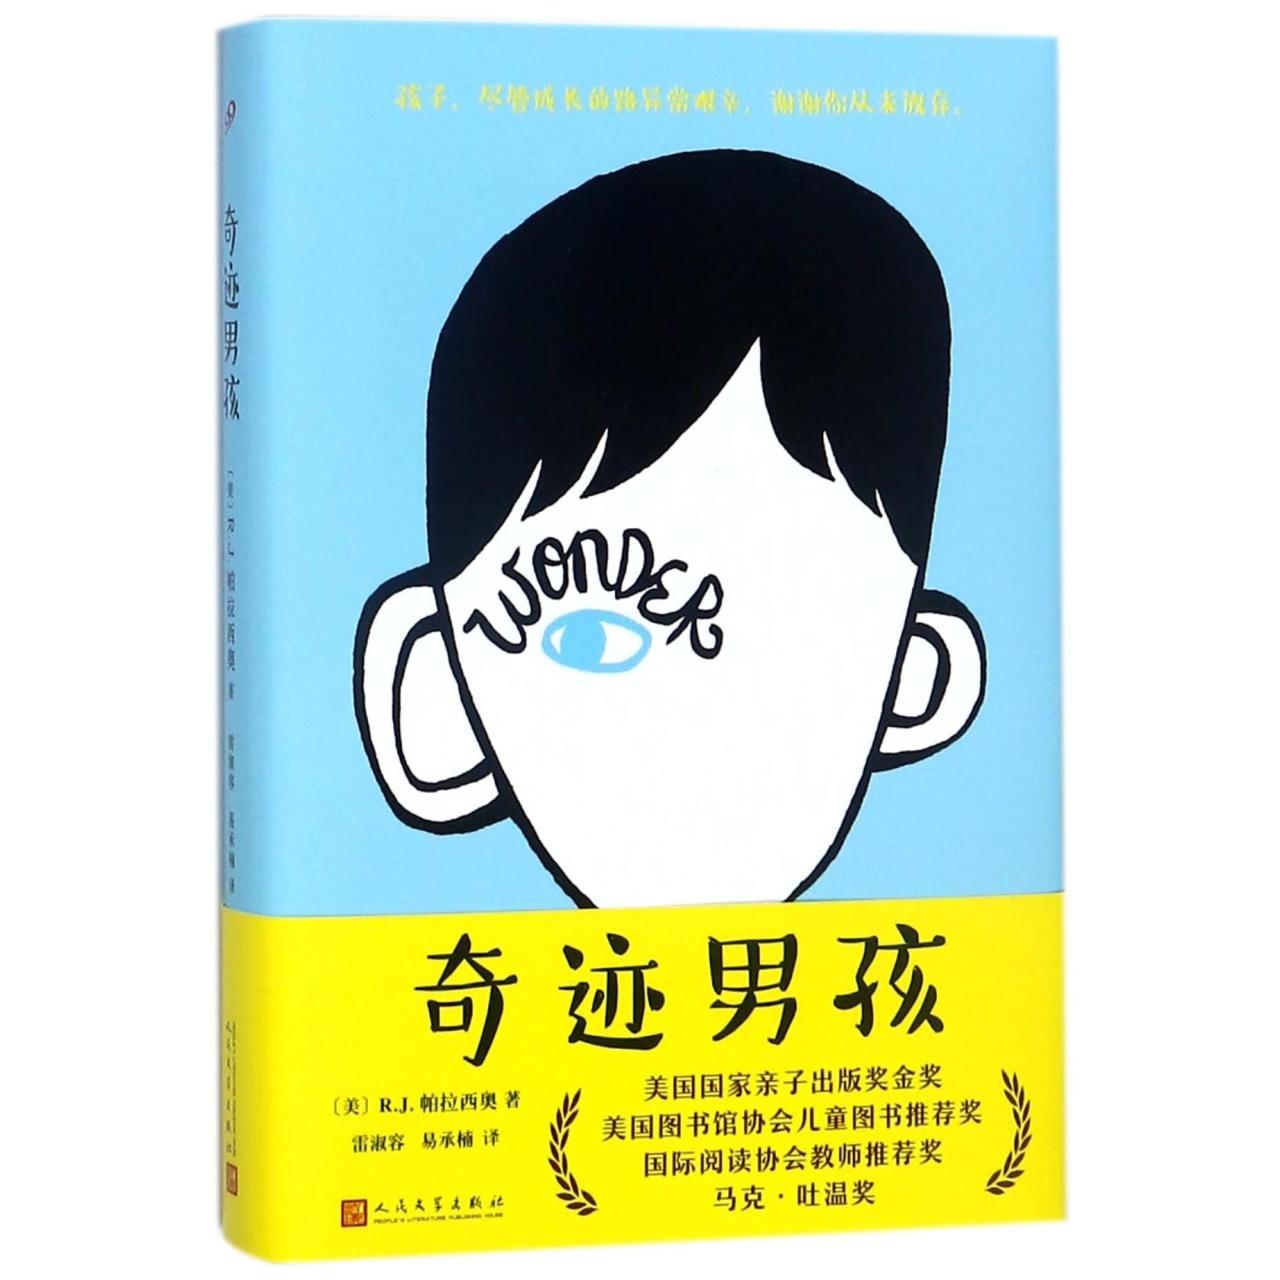 奇迹男孩【儿童小说/青少年读物/翻译文学】